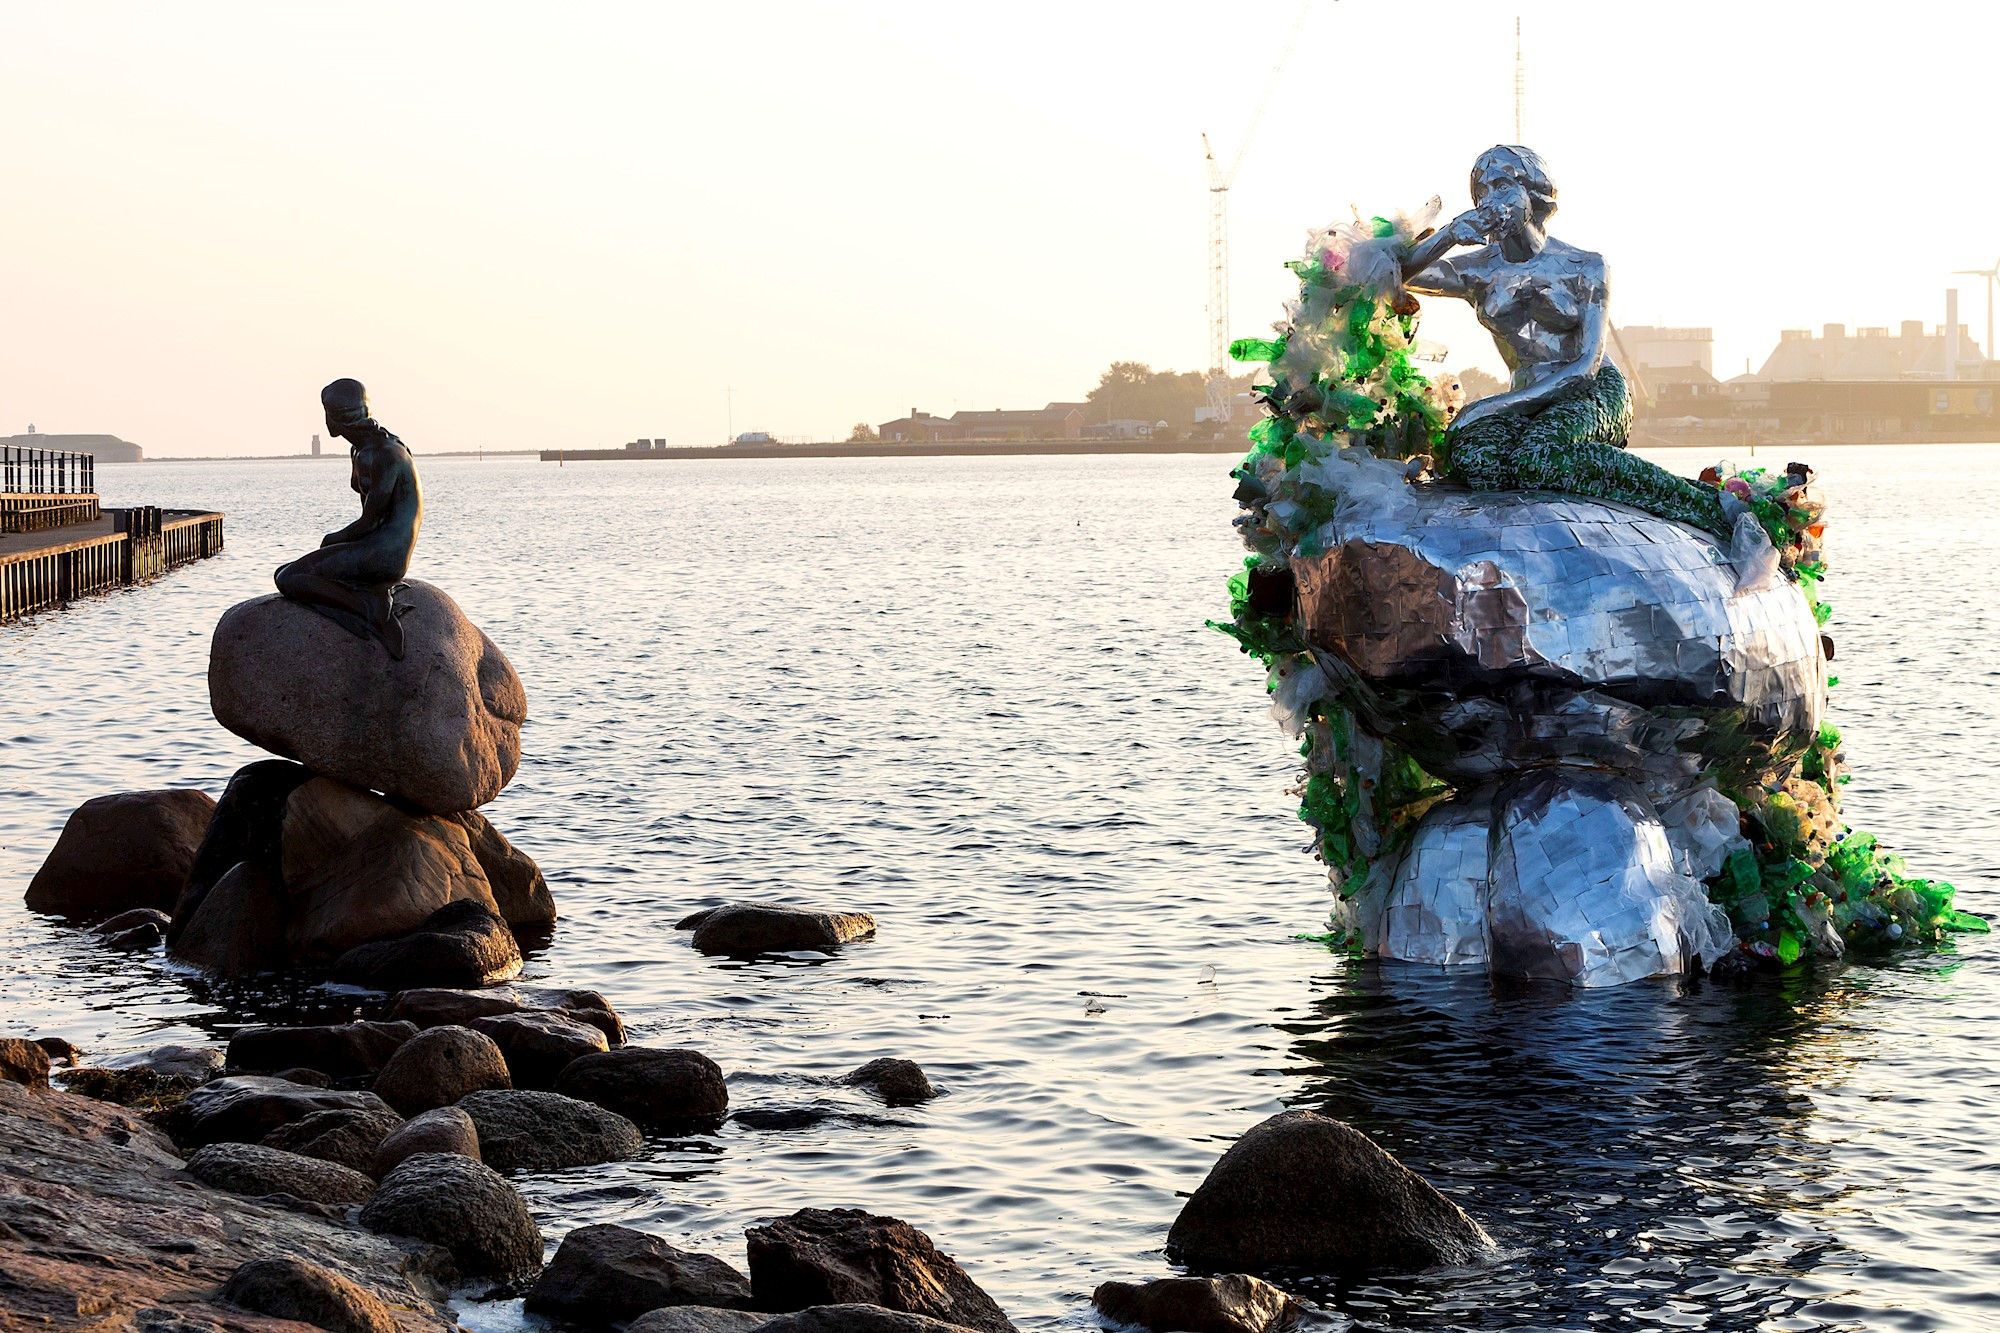 carlsberg-little-mermaid-4.jpg